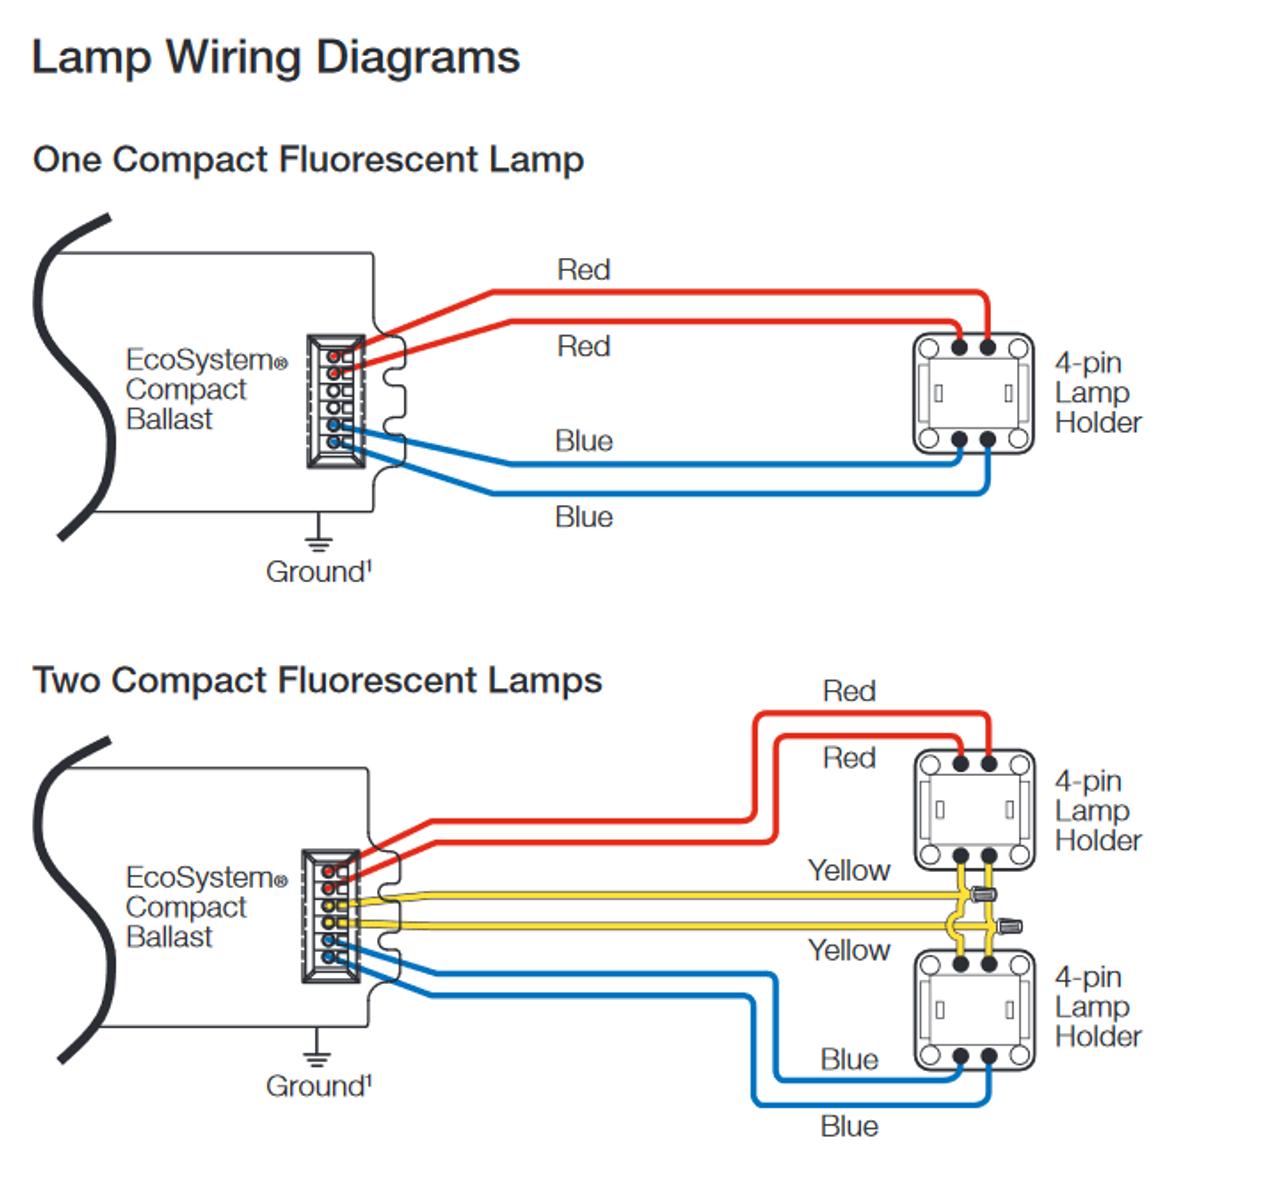 cfl 4 pin diagram wiring diagram 8 Pin Wiring Diagram